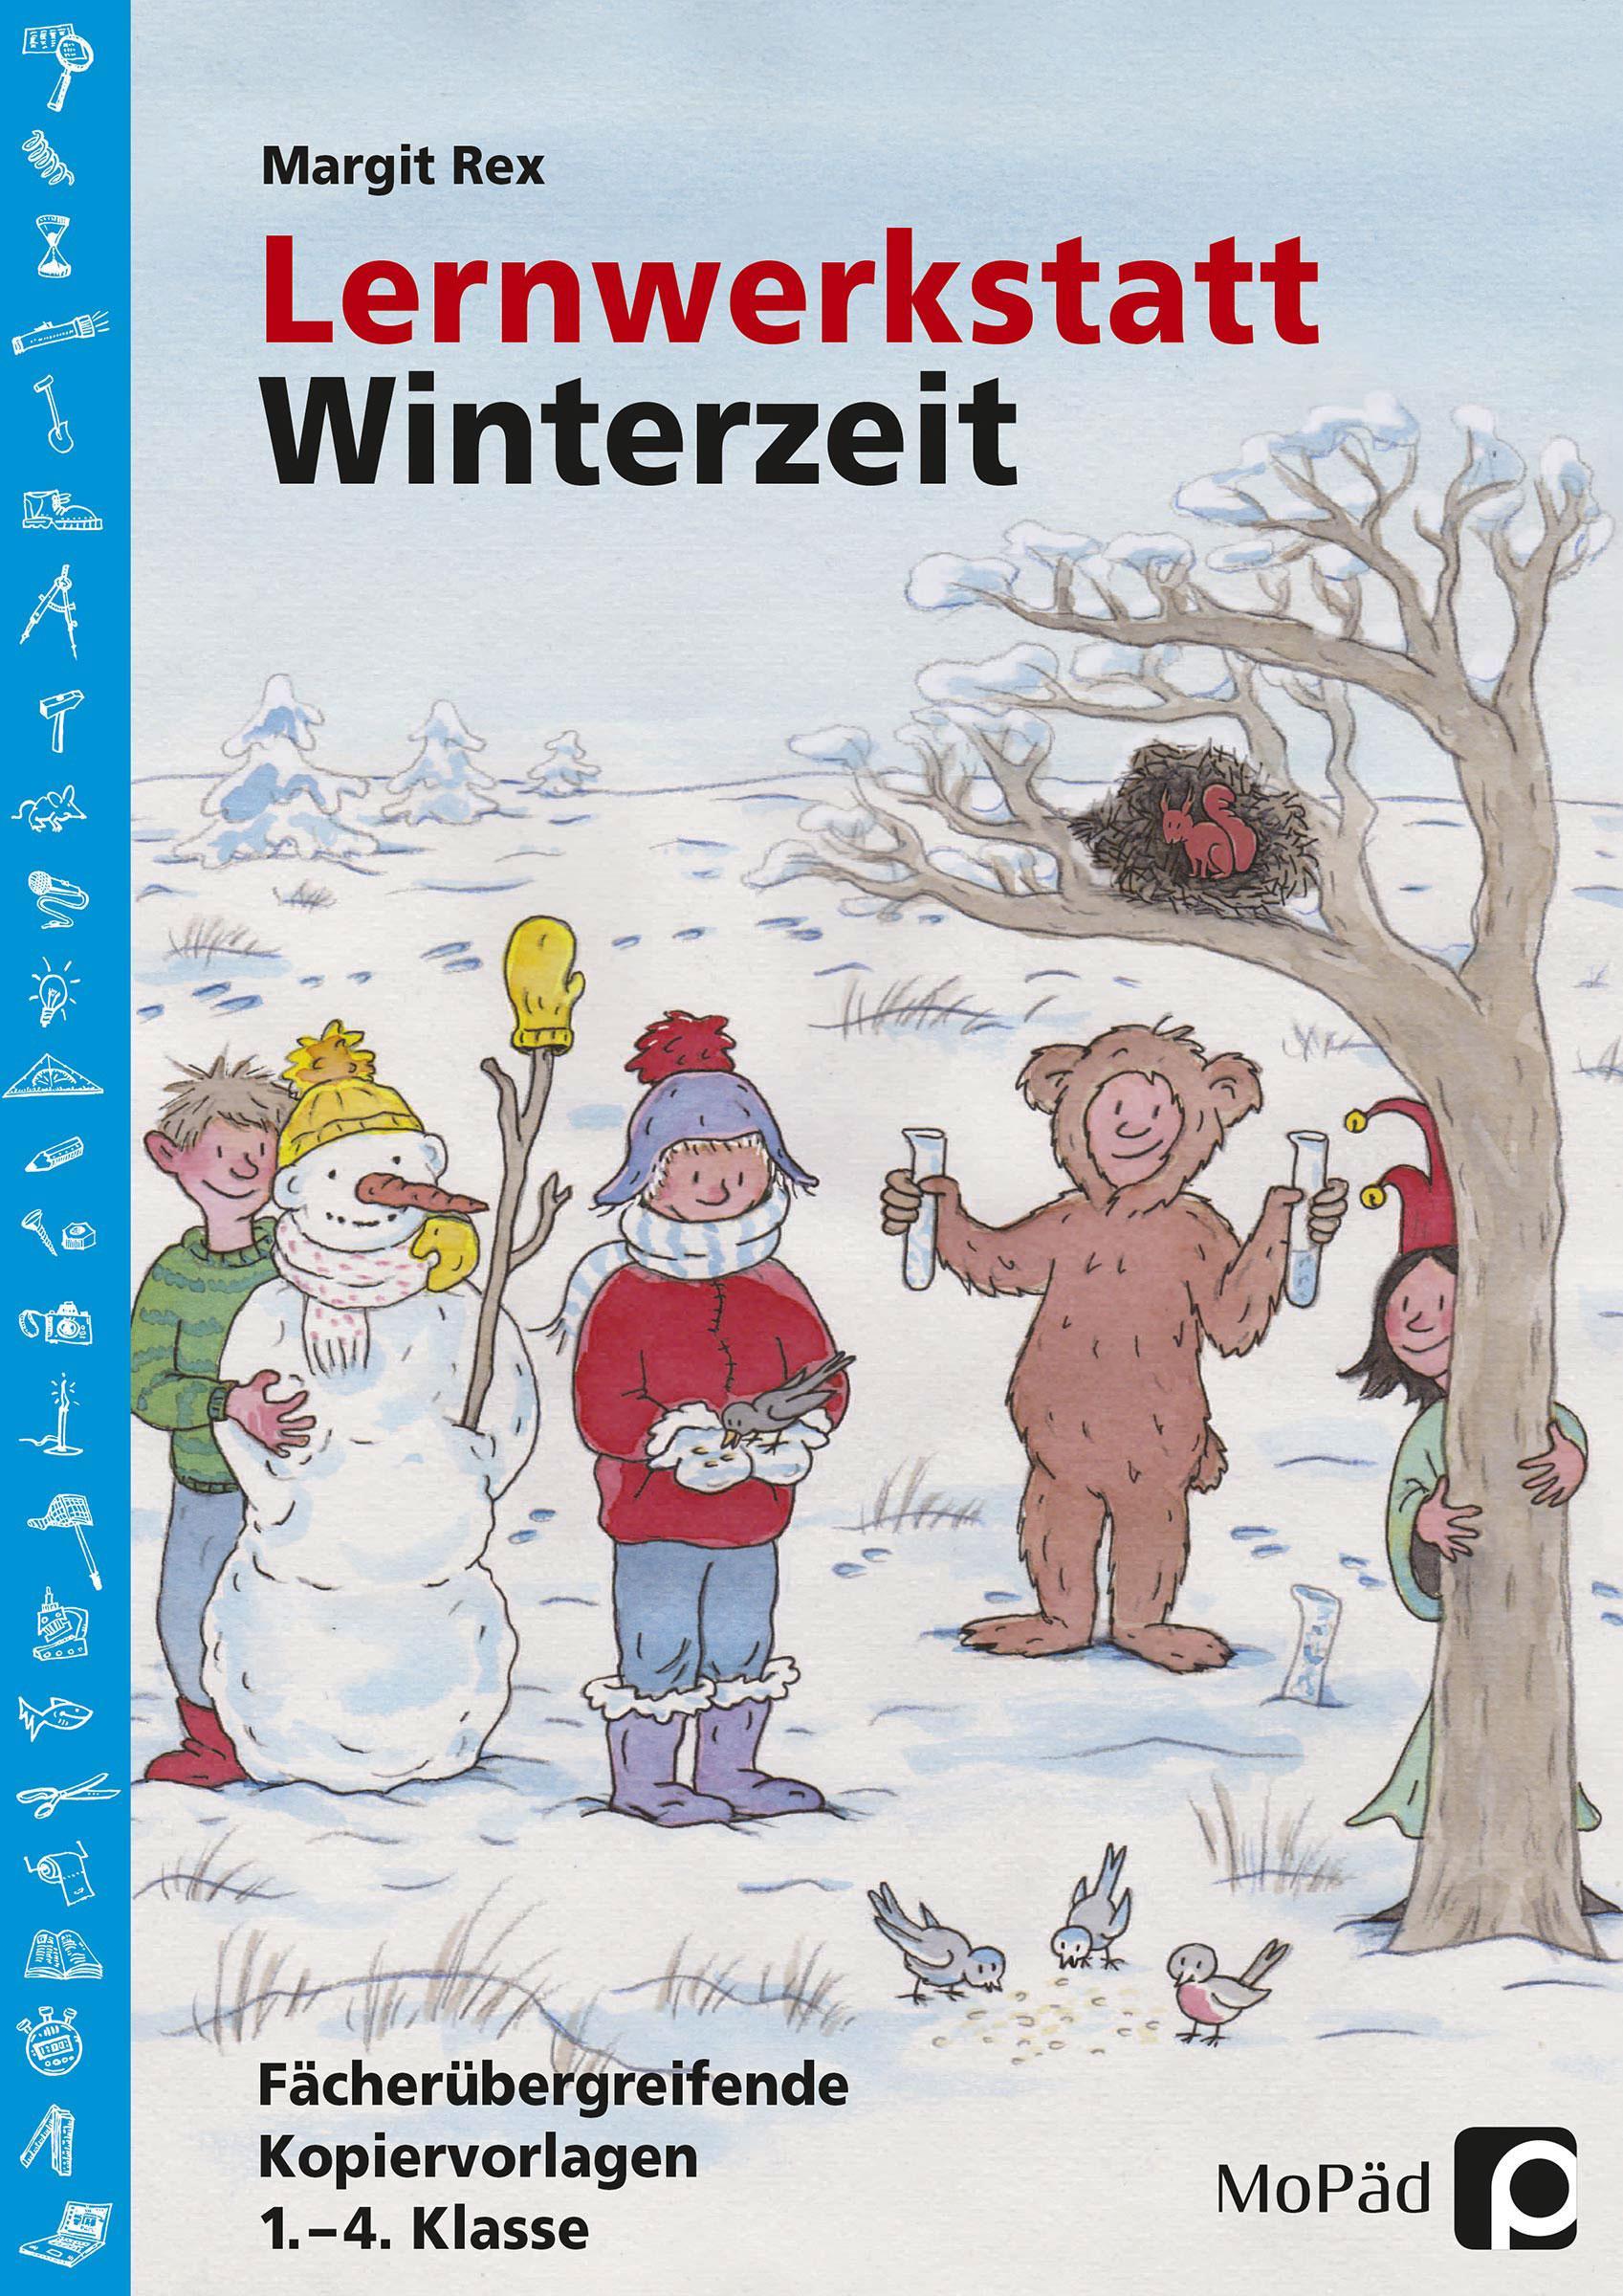 Lernwerkstatt Winterzeit Margit Rex